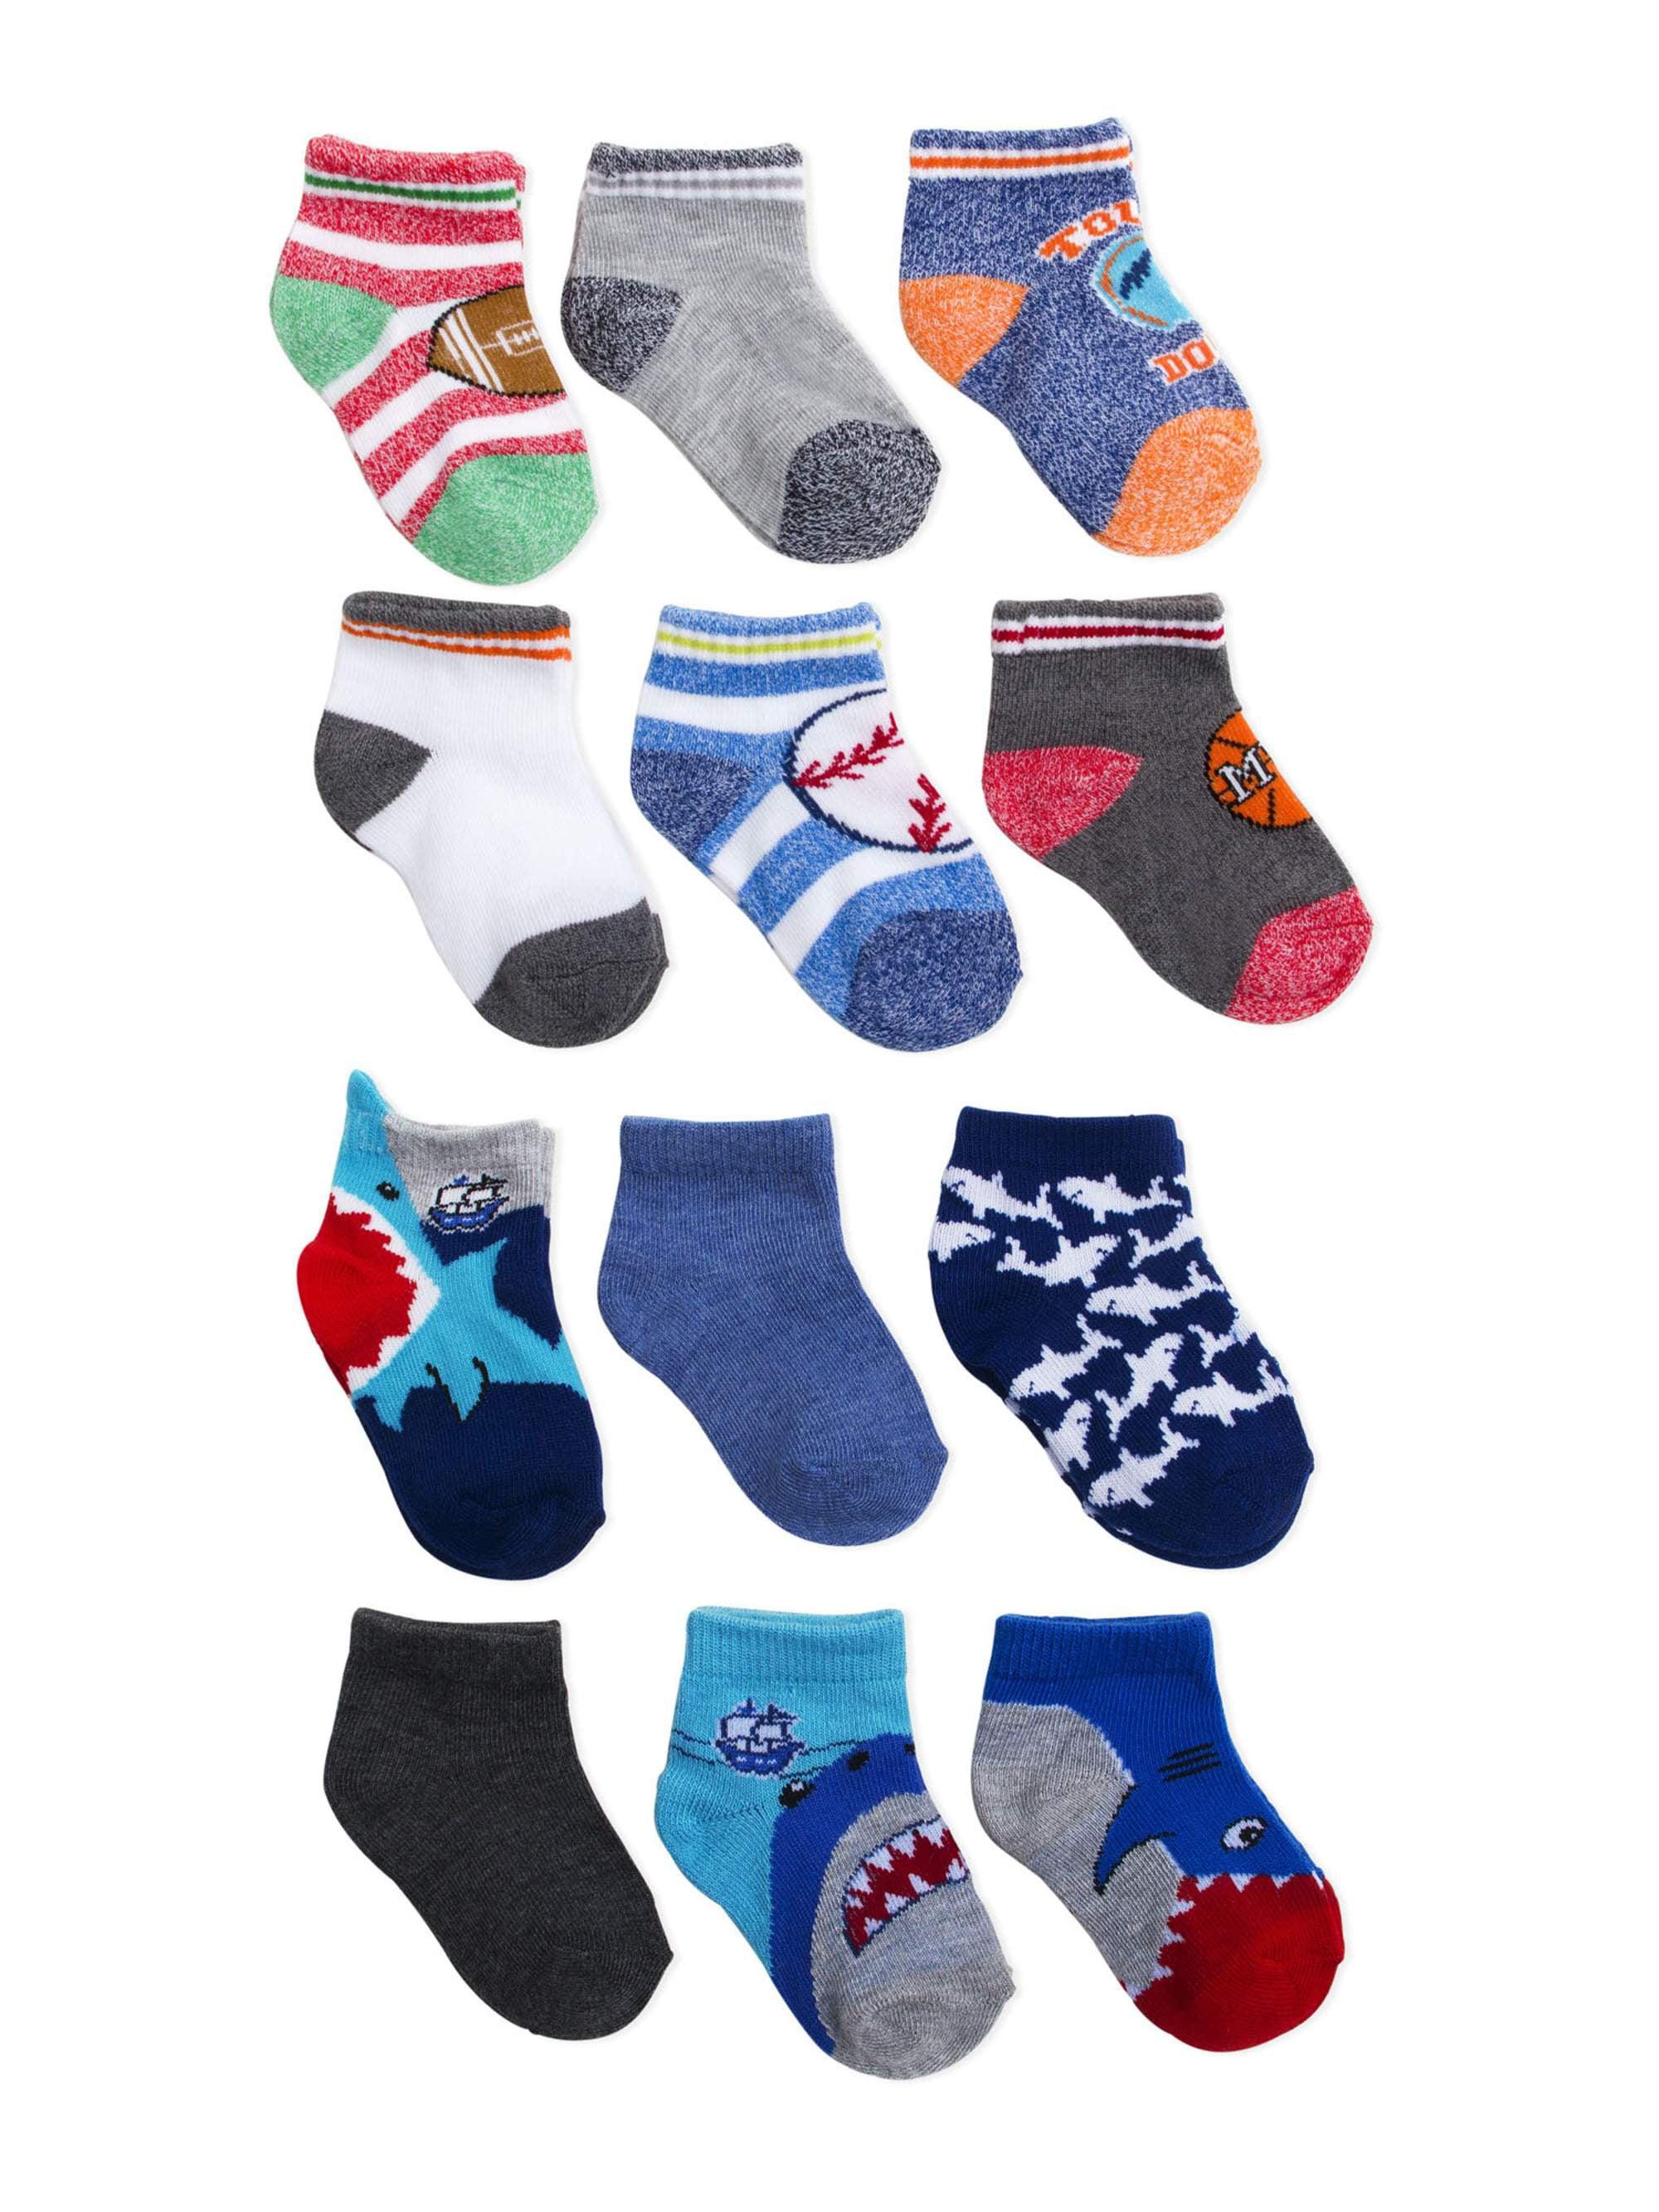 Garanimals Baby Boy Shorty Socks, 12 Pack